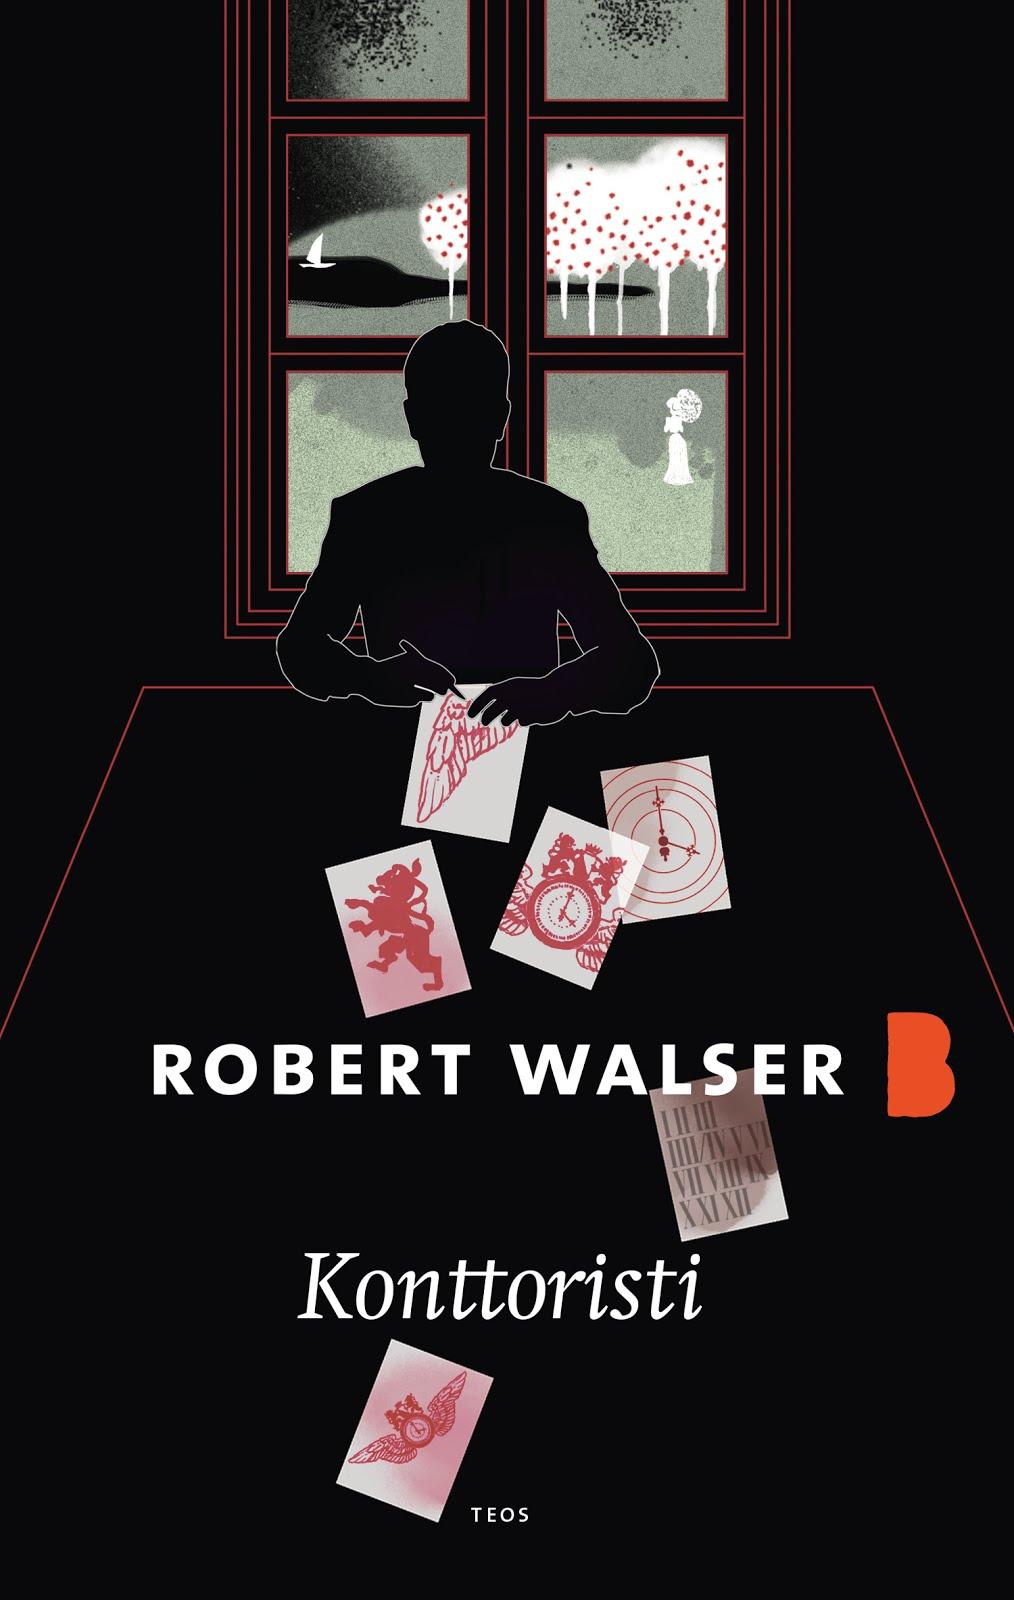 Robert Walser Konttoristi